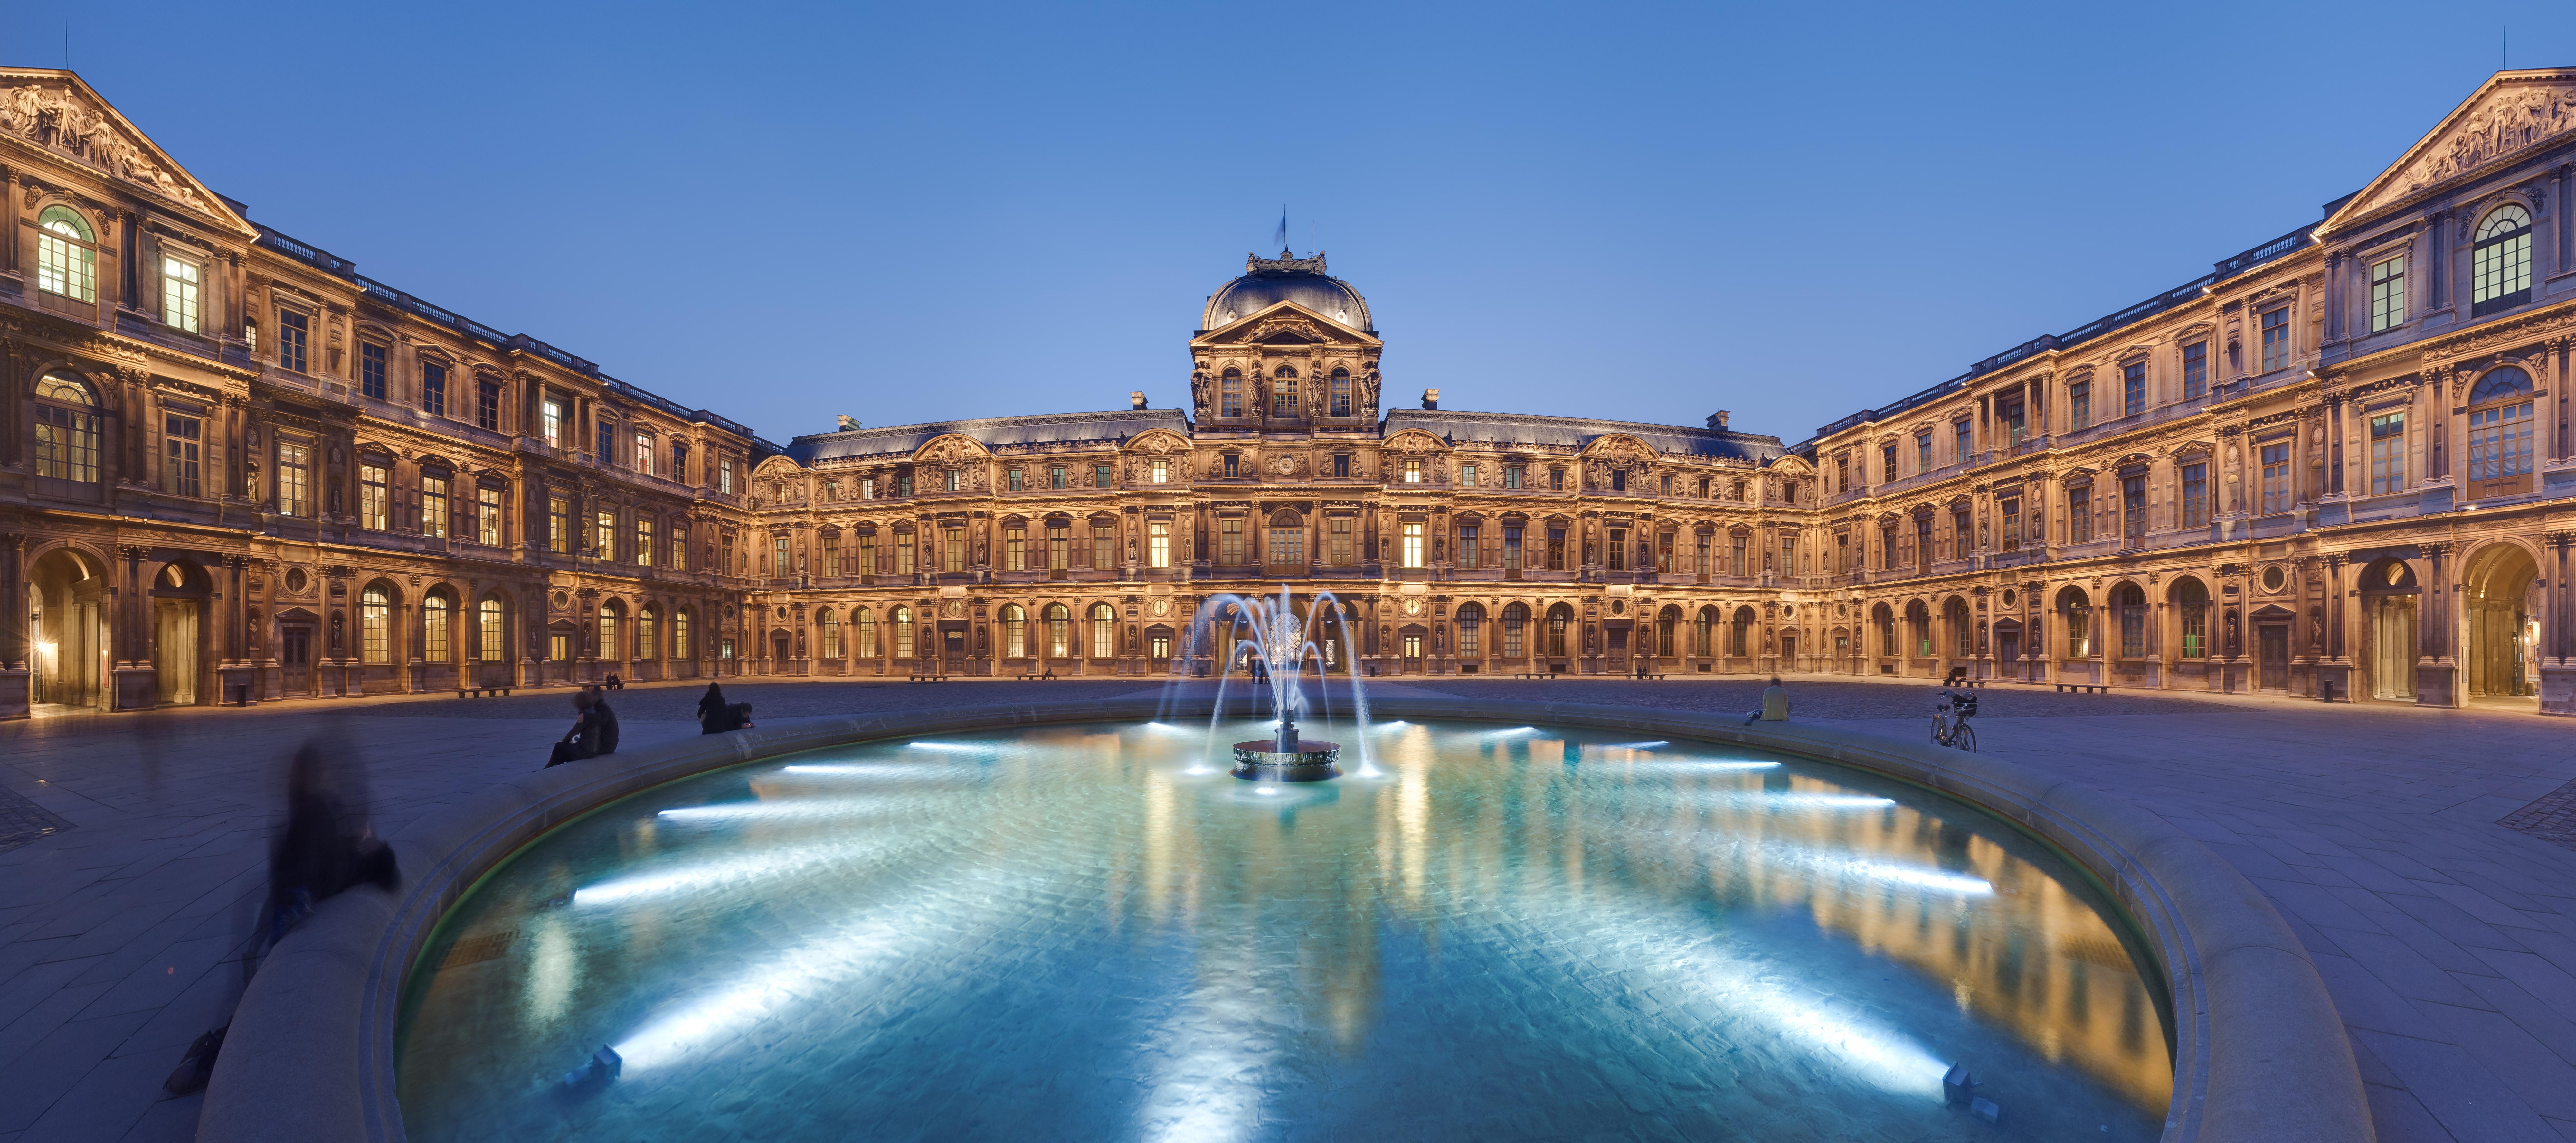 Immobilier ces vues parisiennes qui font grimper le prix du m tre carr p - Prix metre carre paris 15 ...